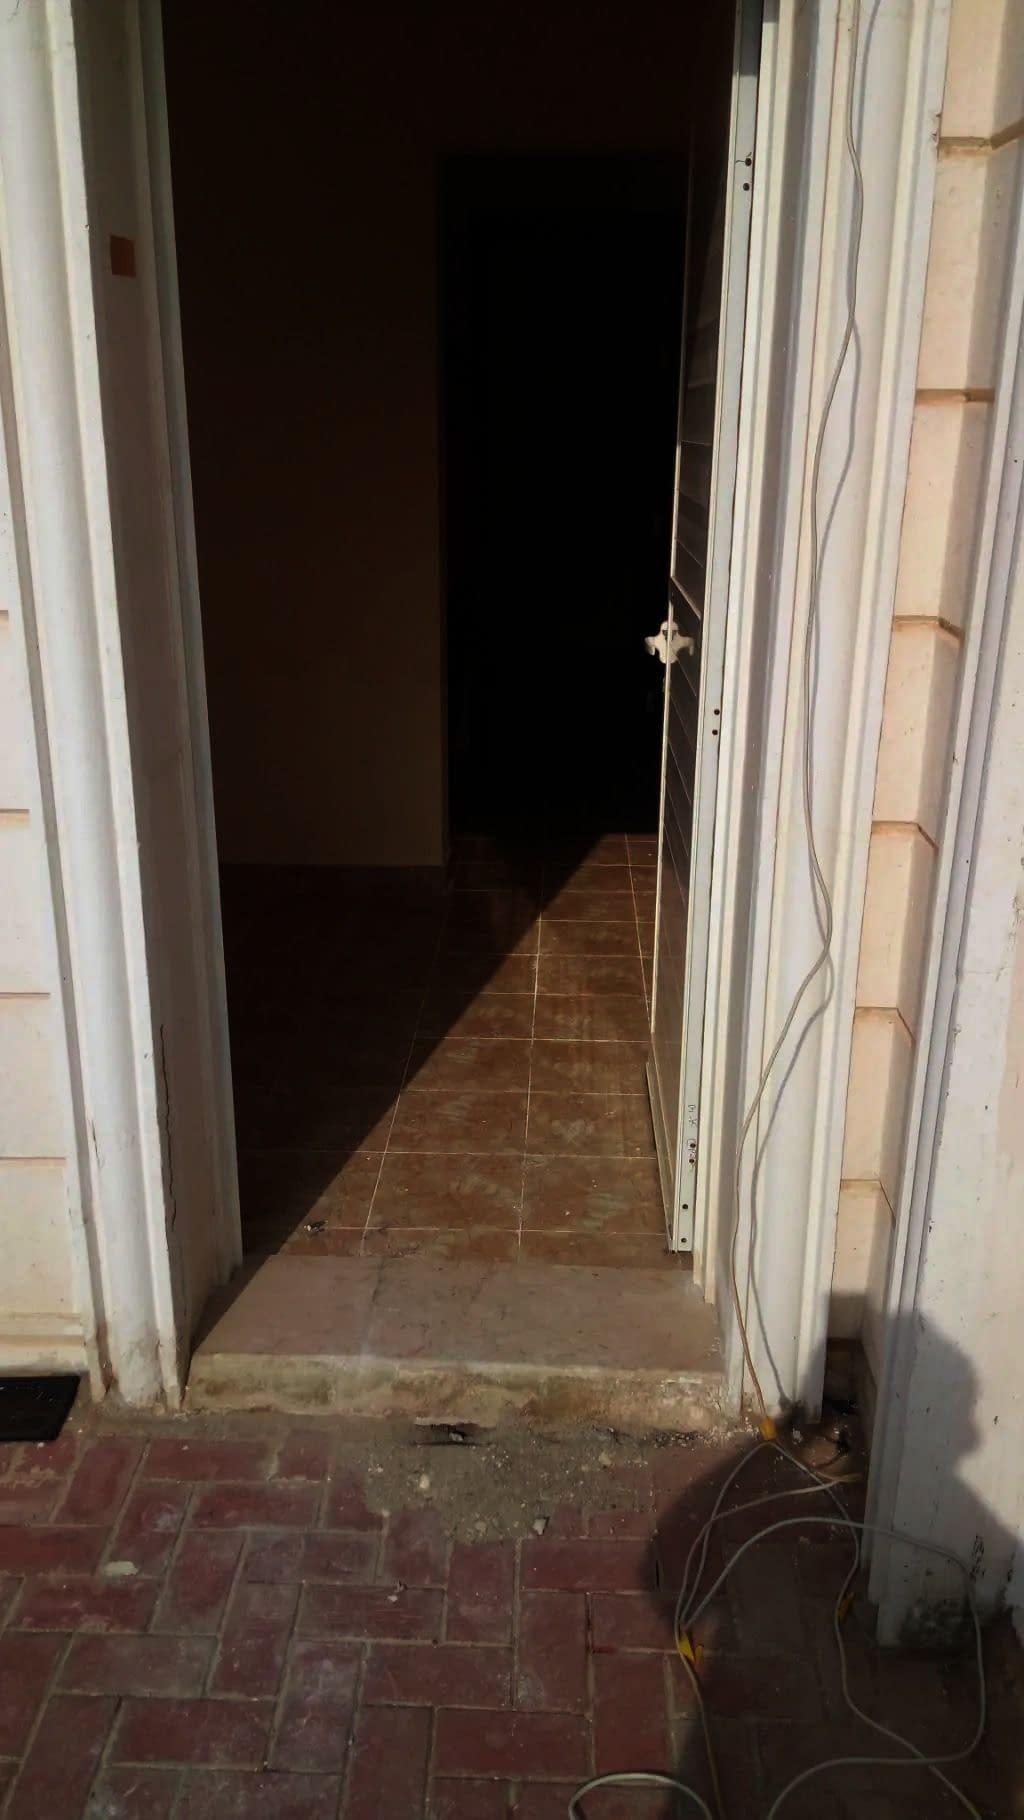 شقة صغيرة غرفة وصالة بمدخل خاص خلف